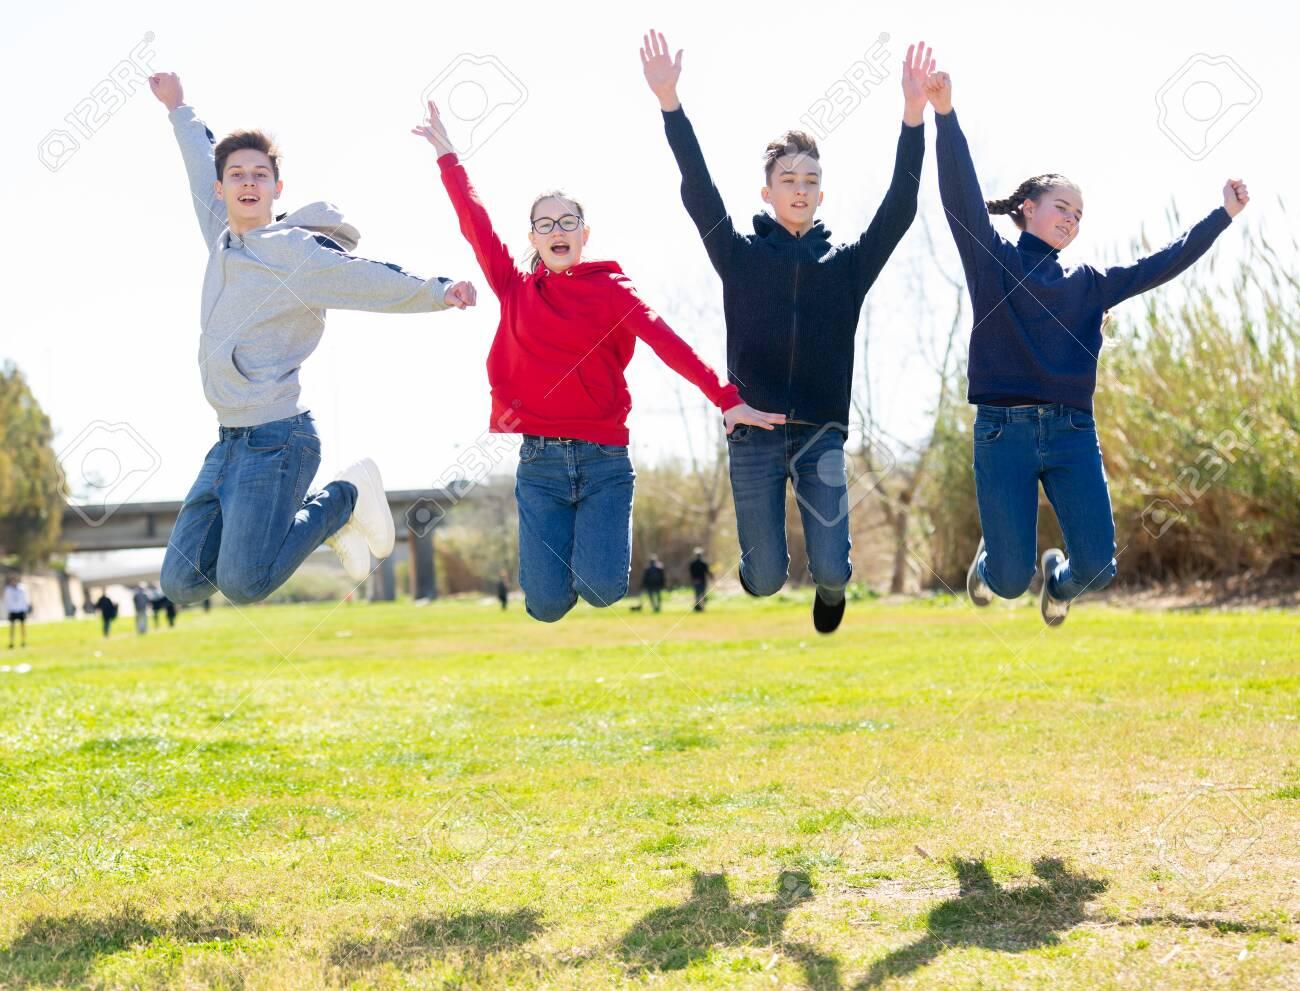 Four joyful teens jump on a lawn - 154110032